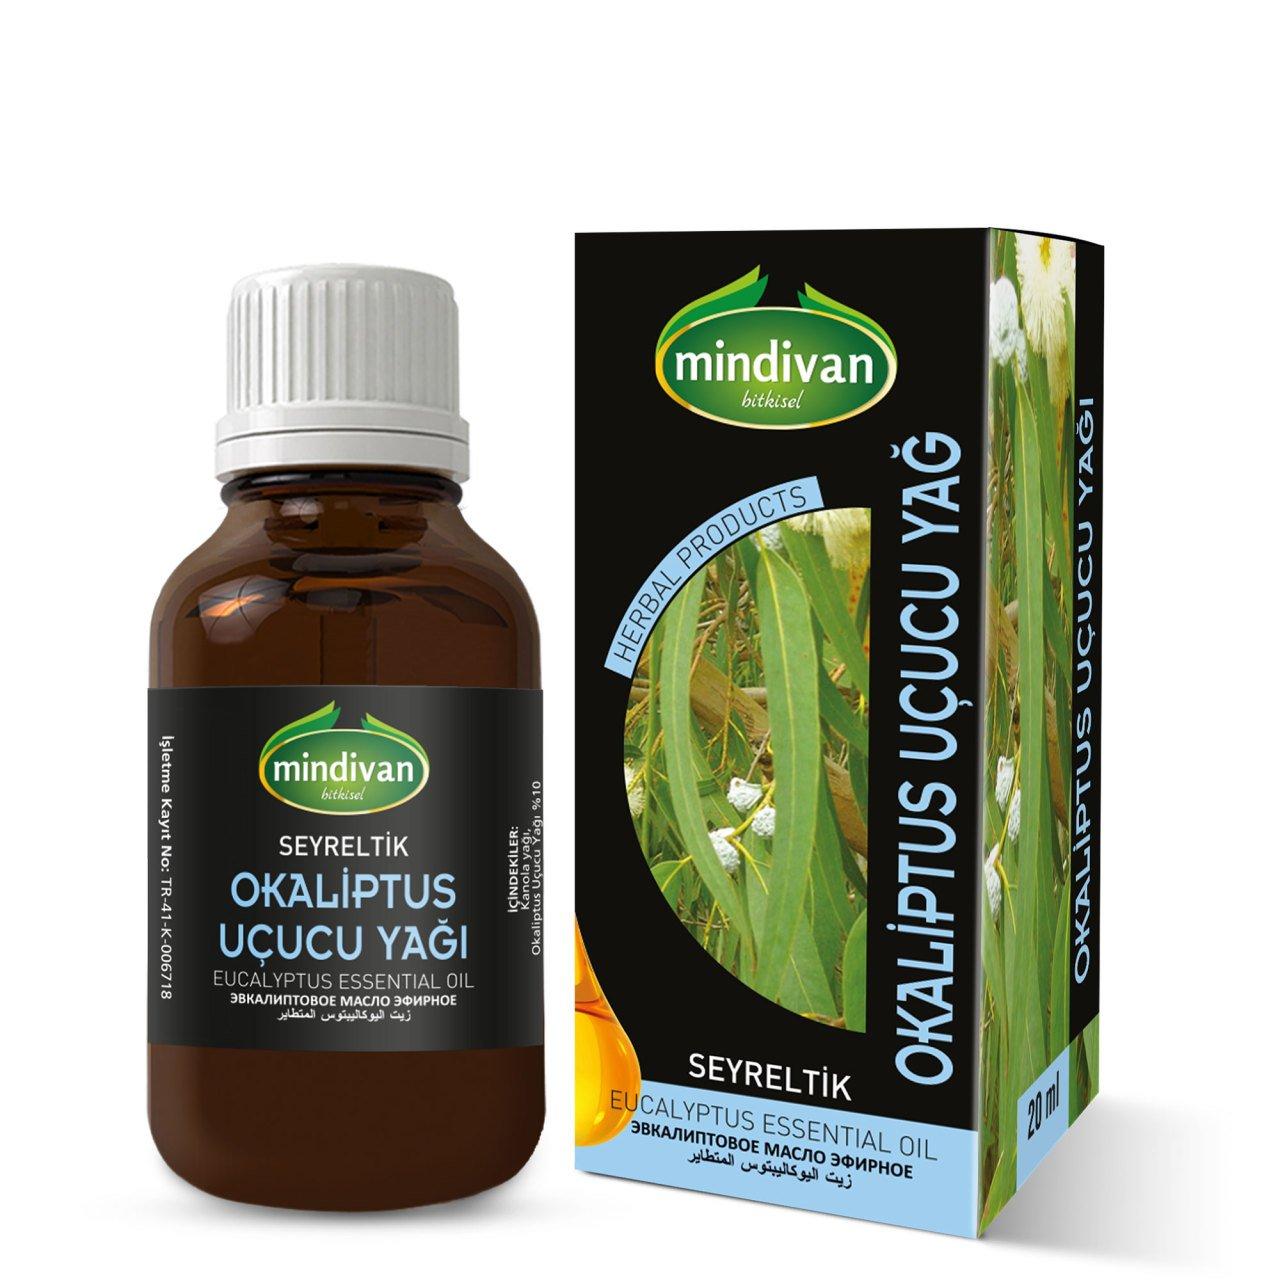 Mindivan Okaliptus Yağı 20 ml ürünü